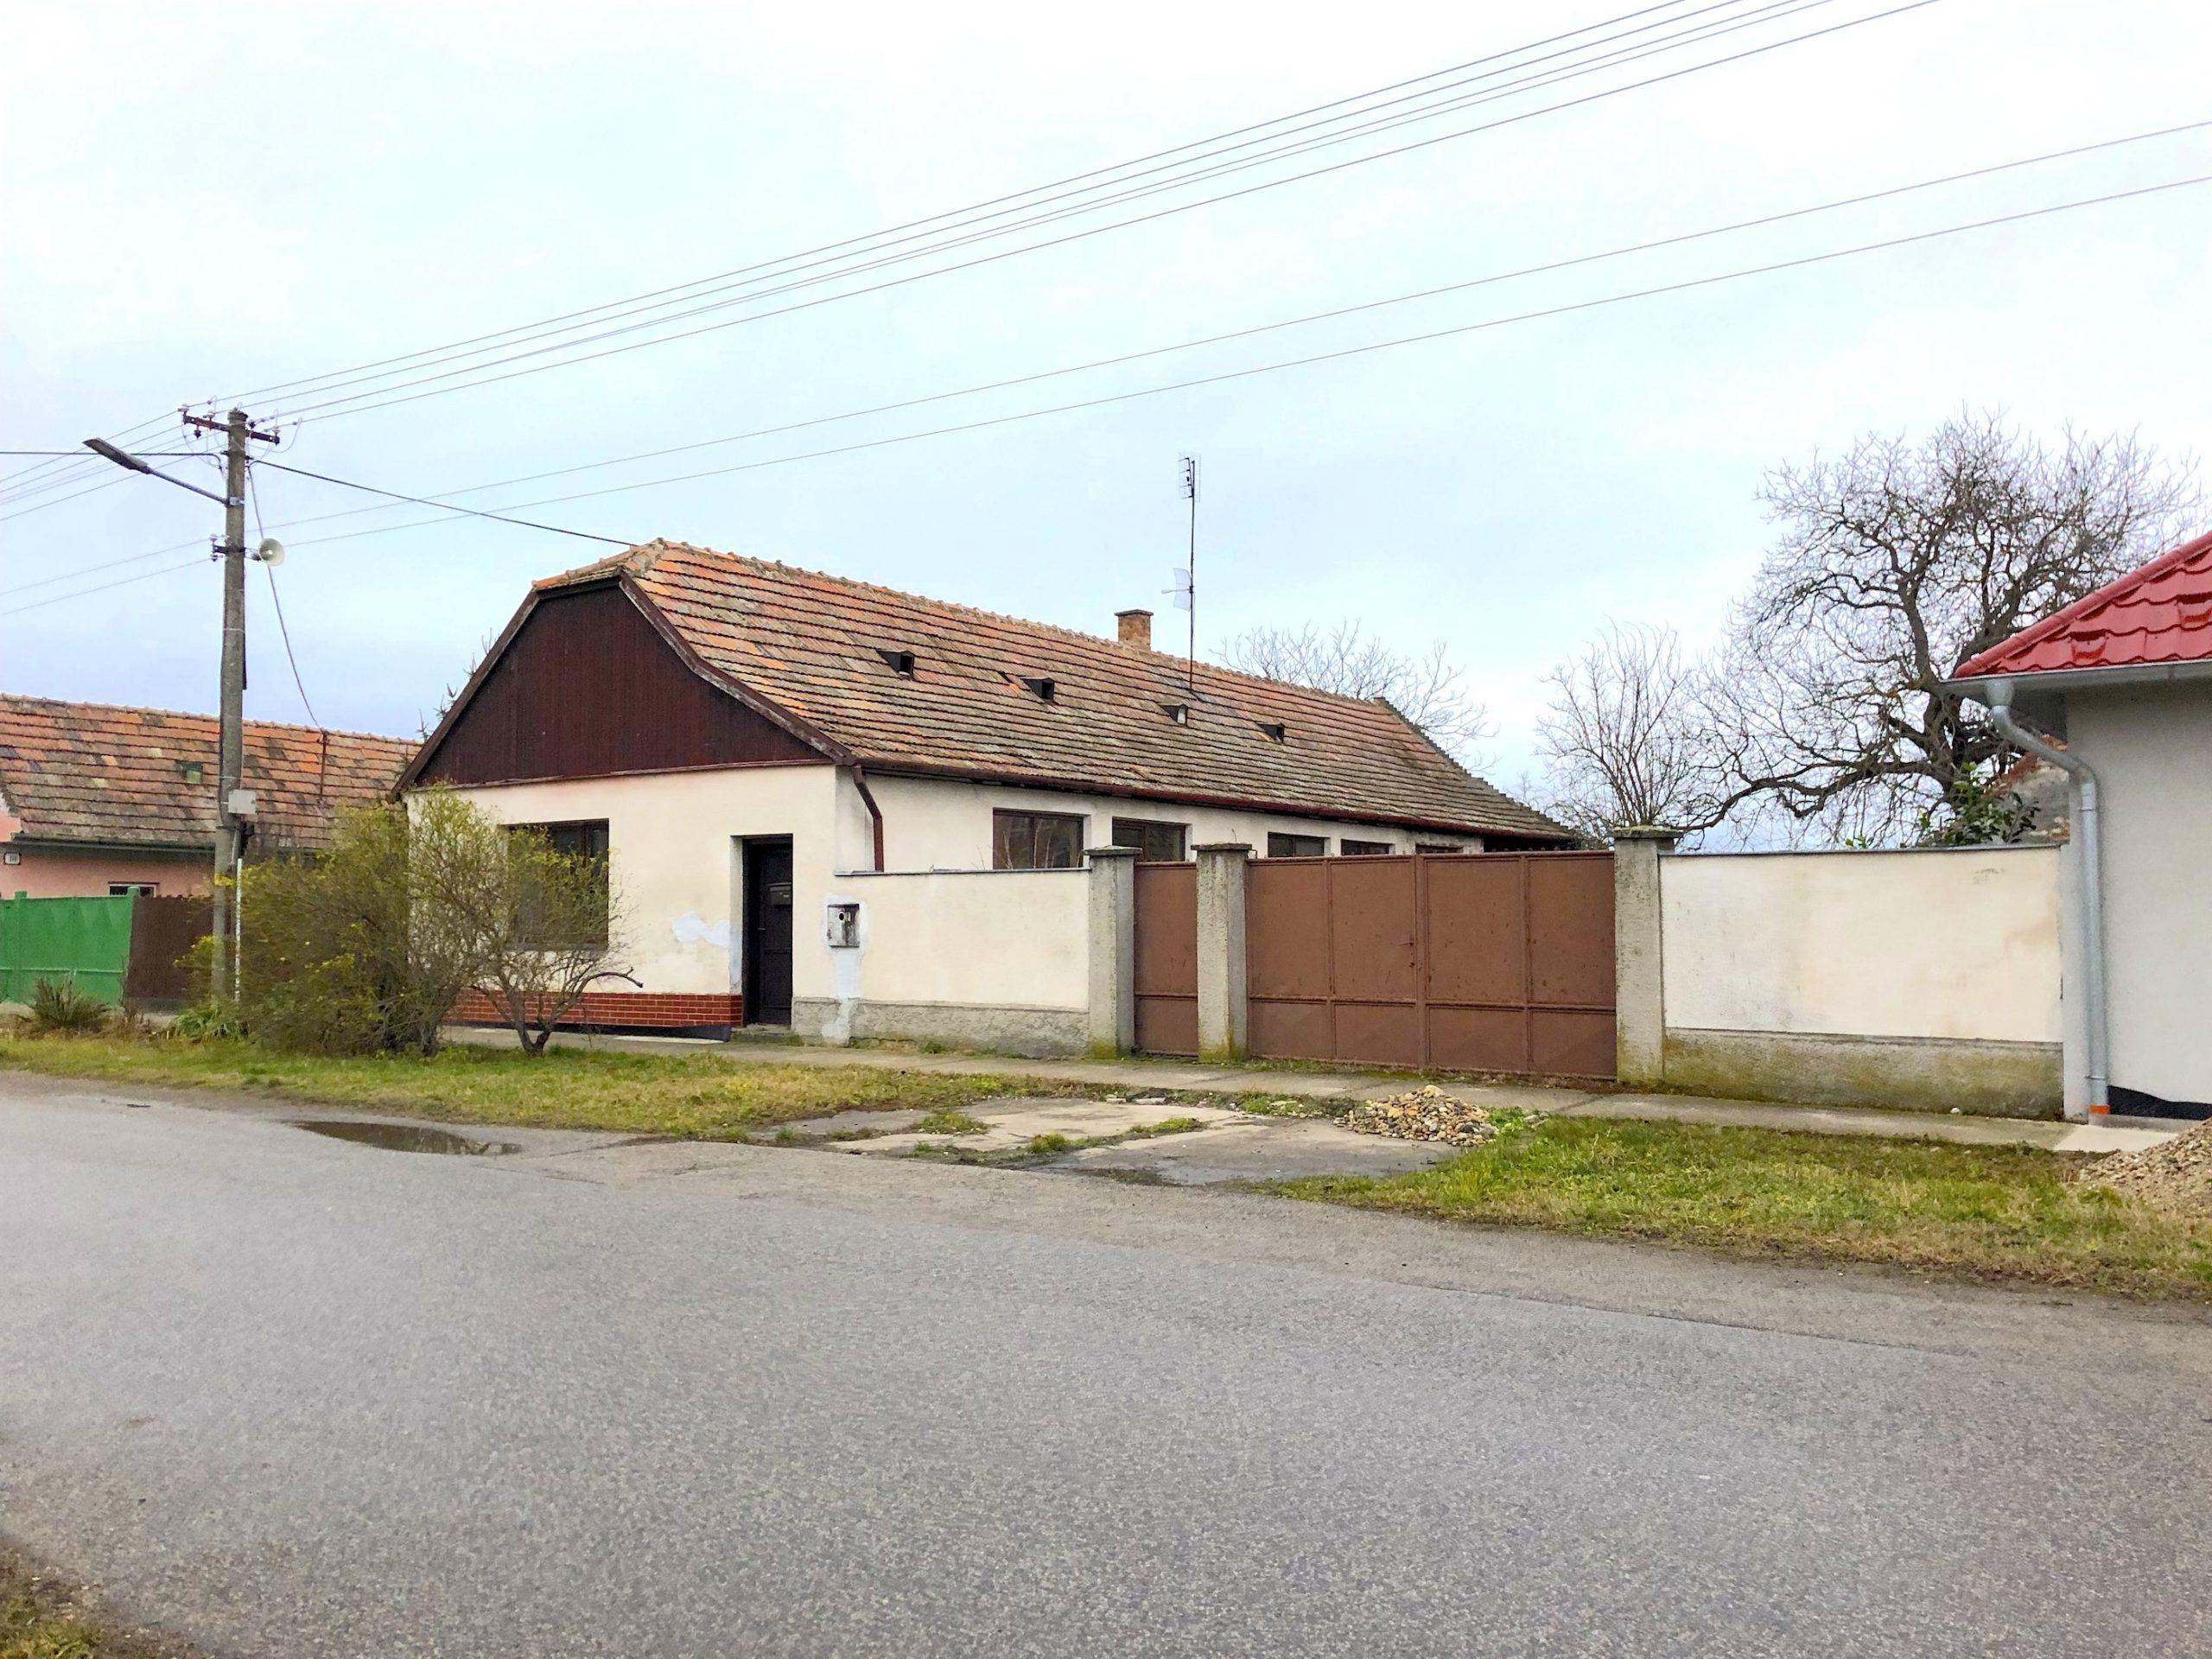 REZERVOVANÉ – 3-izb. RD vo Vojke – kúsok vidieka blízko pri Bratislave